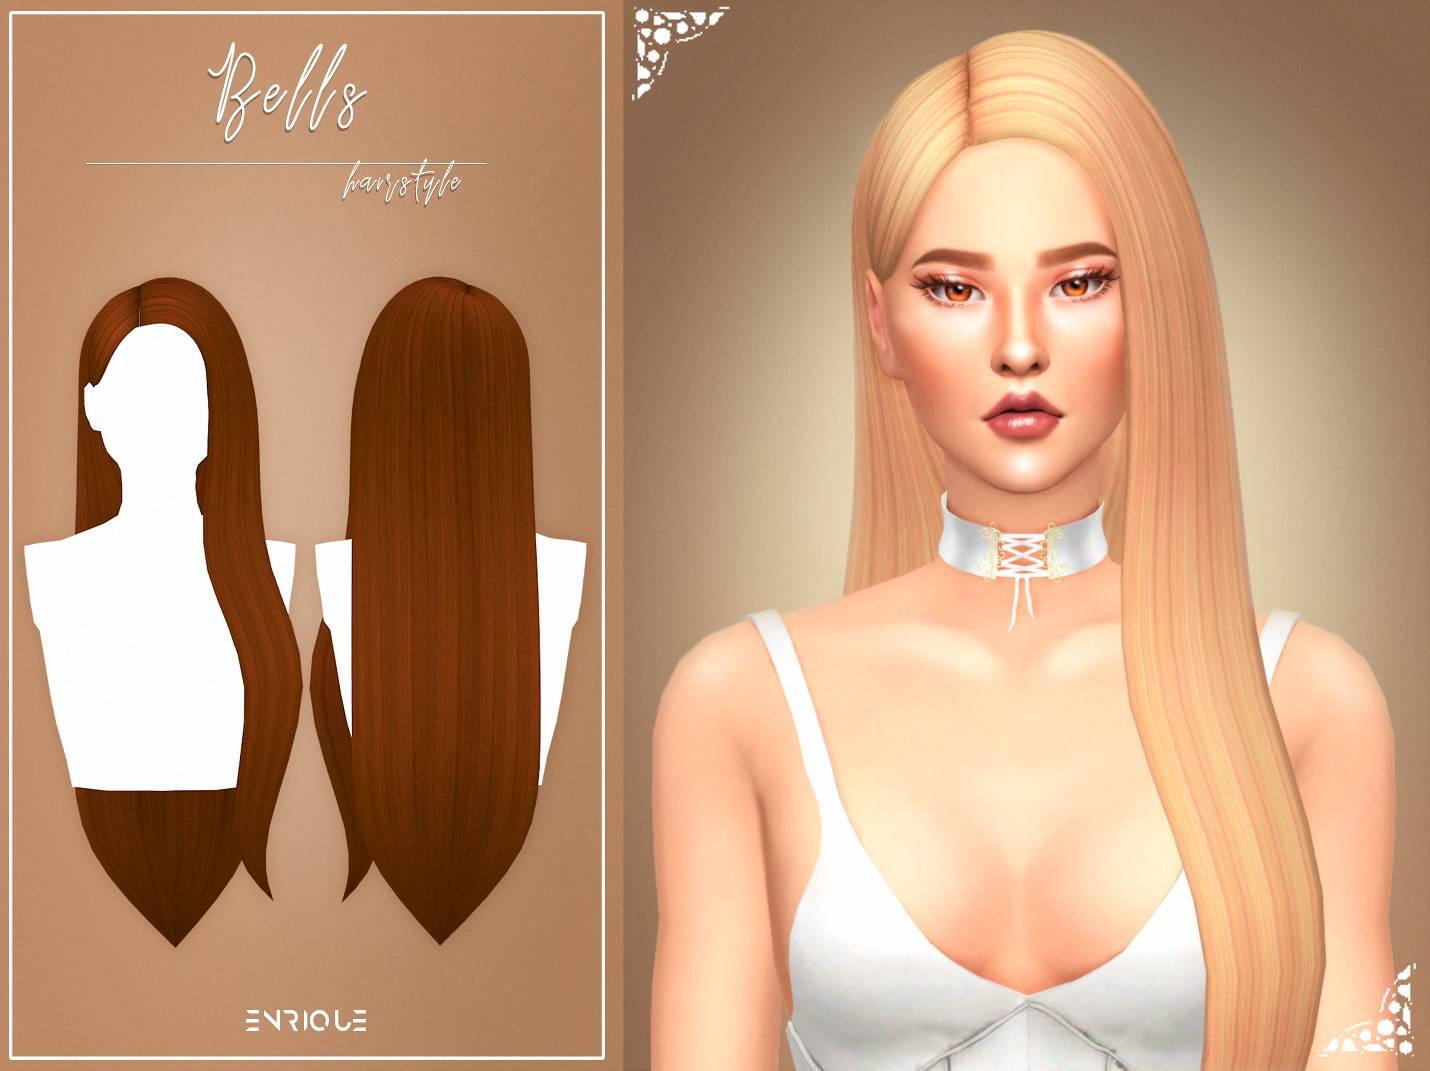 Женская прическа - Bells Hairstyle